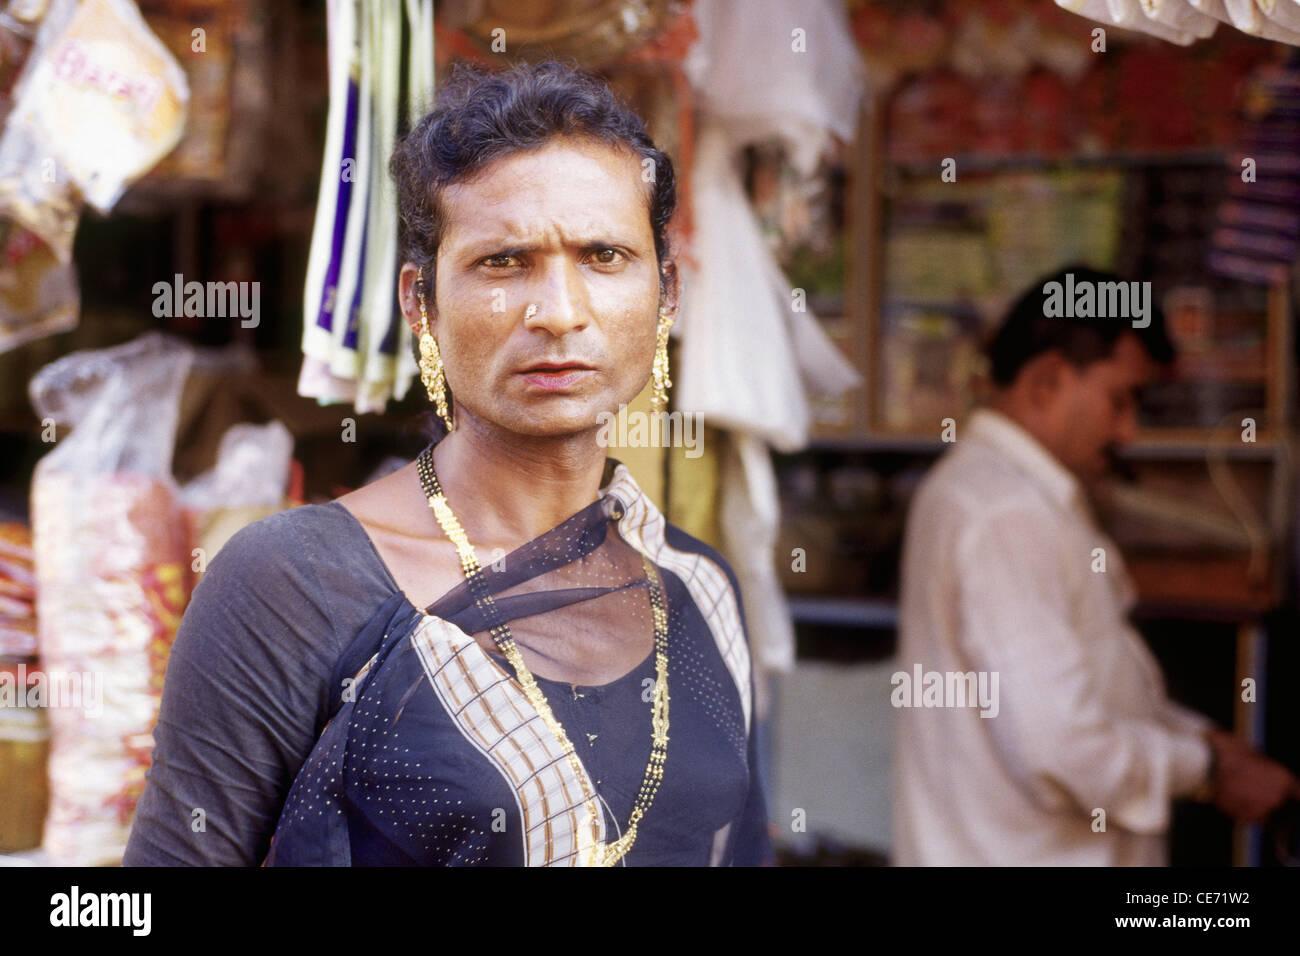 HMA 81719 : Eunuch Hijrah man or women ; Bombay Mumbai ; Maharashtra ; india Stock Photo